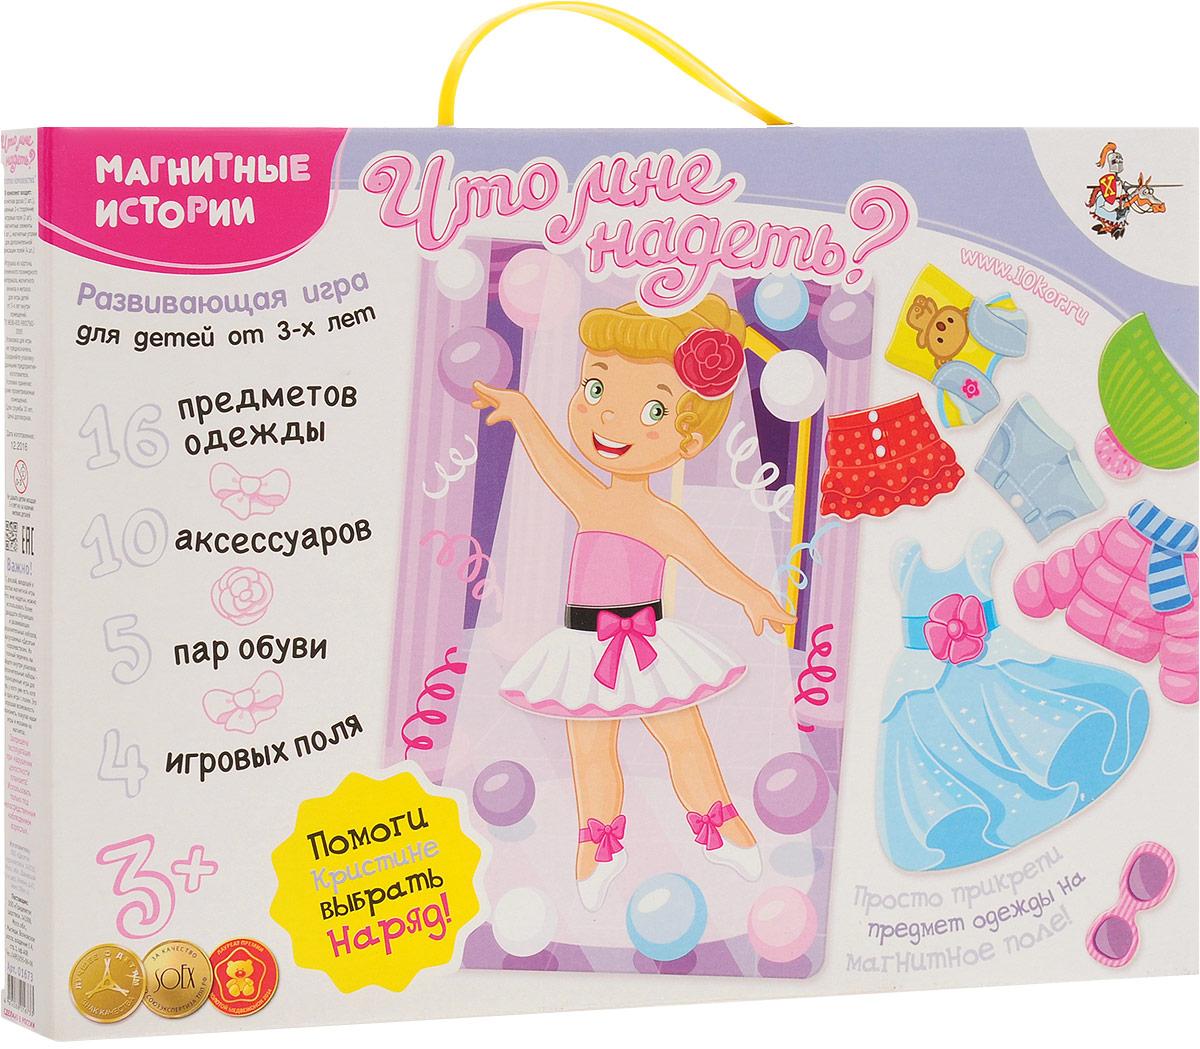 Десятое королевство Обучающая игра Одень куклу настольная игра десятое королевство развивающая магнитные истории что мне надеть одень куклу